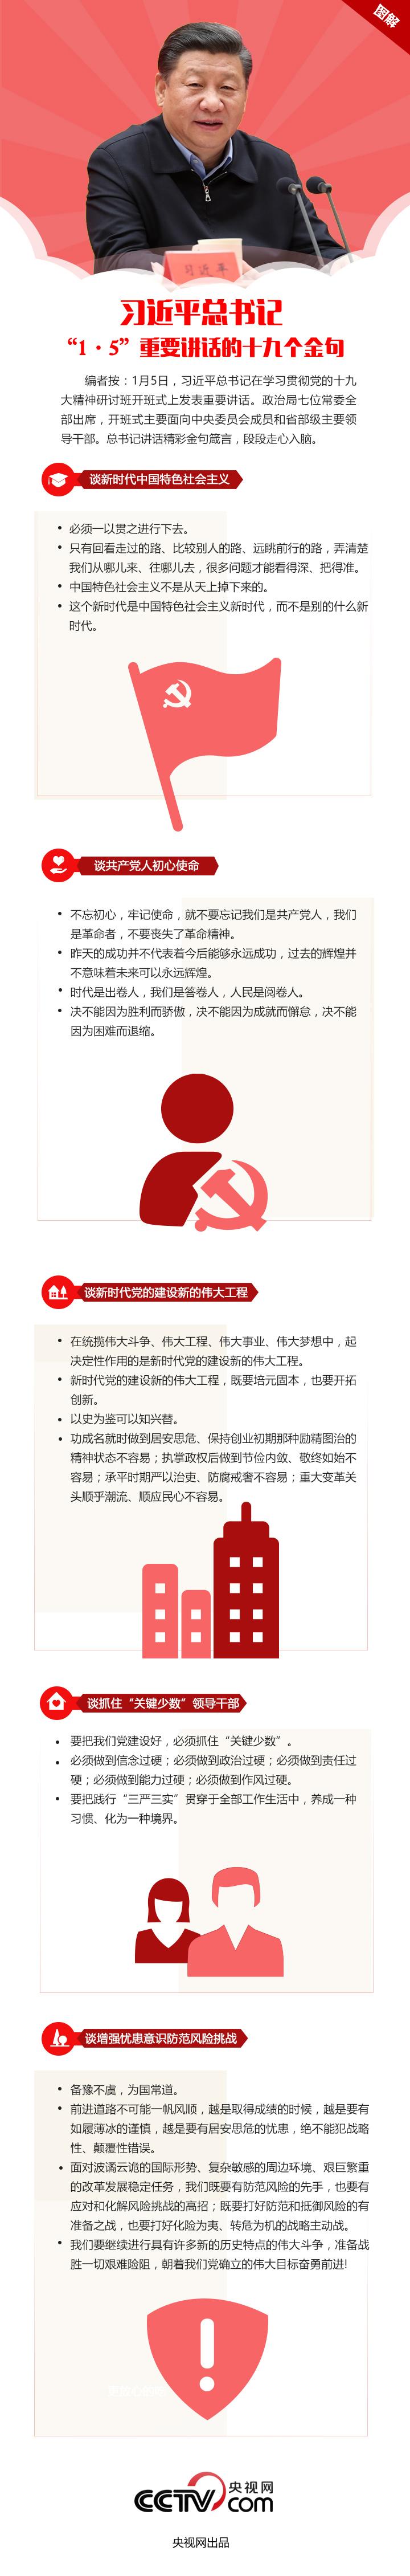 """图解:习近平总书记""""1・5""""重要讲话的十九个金句"""